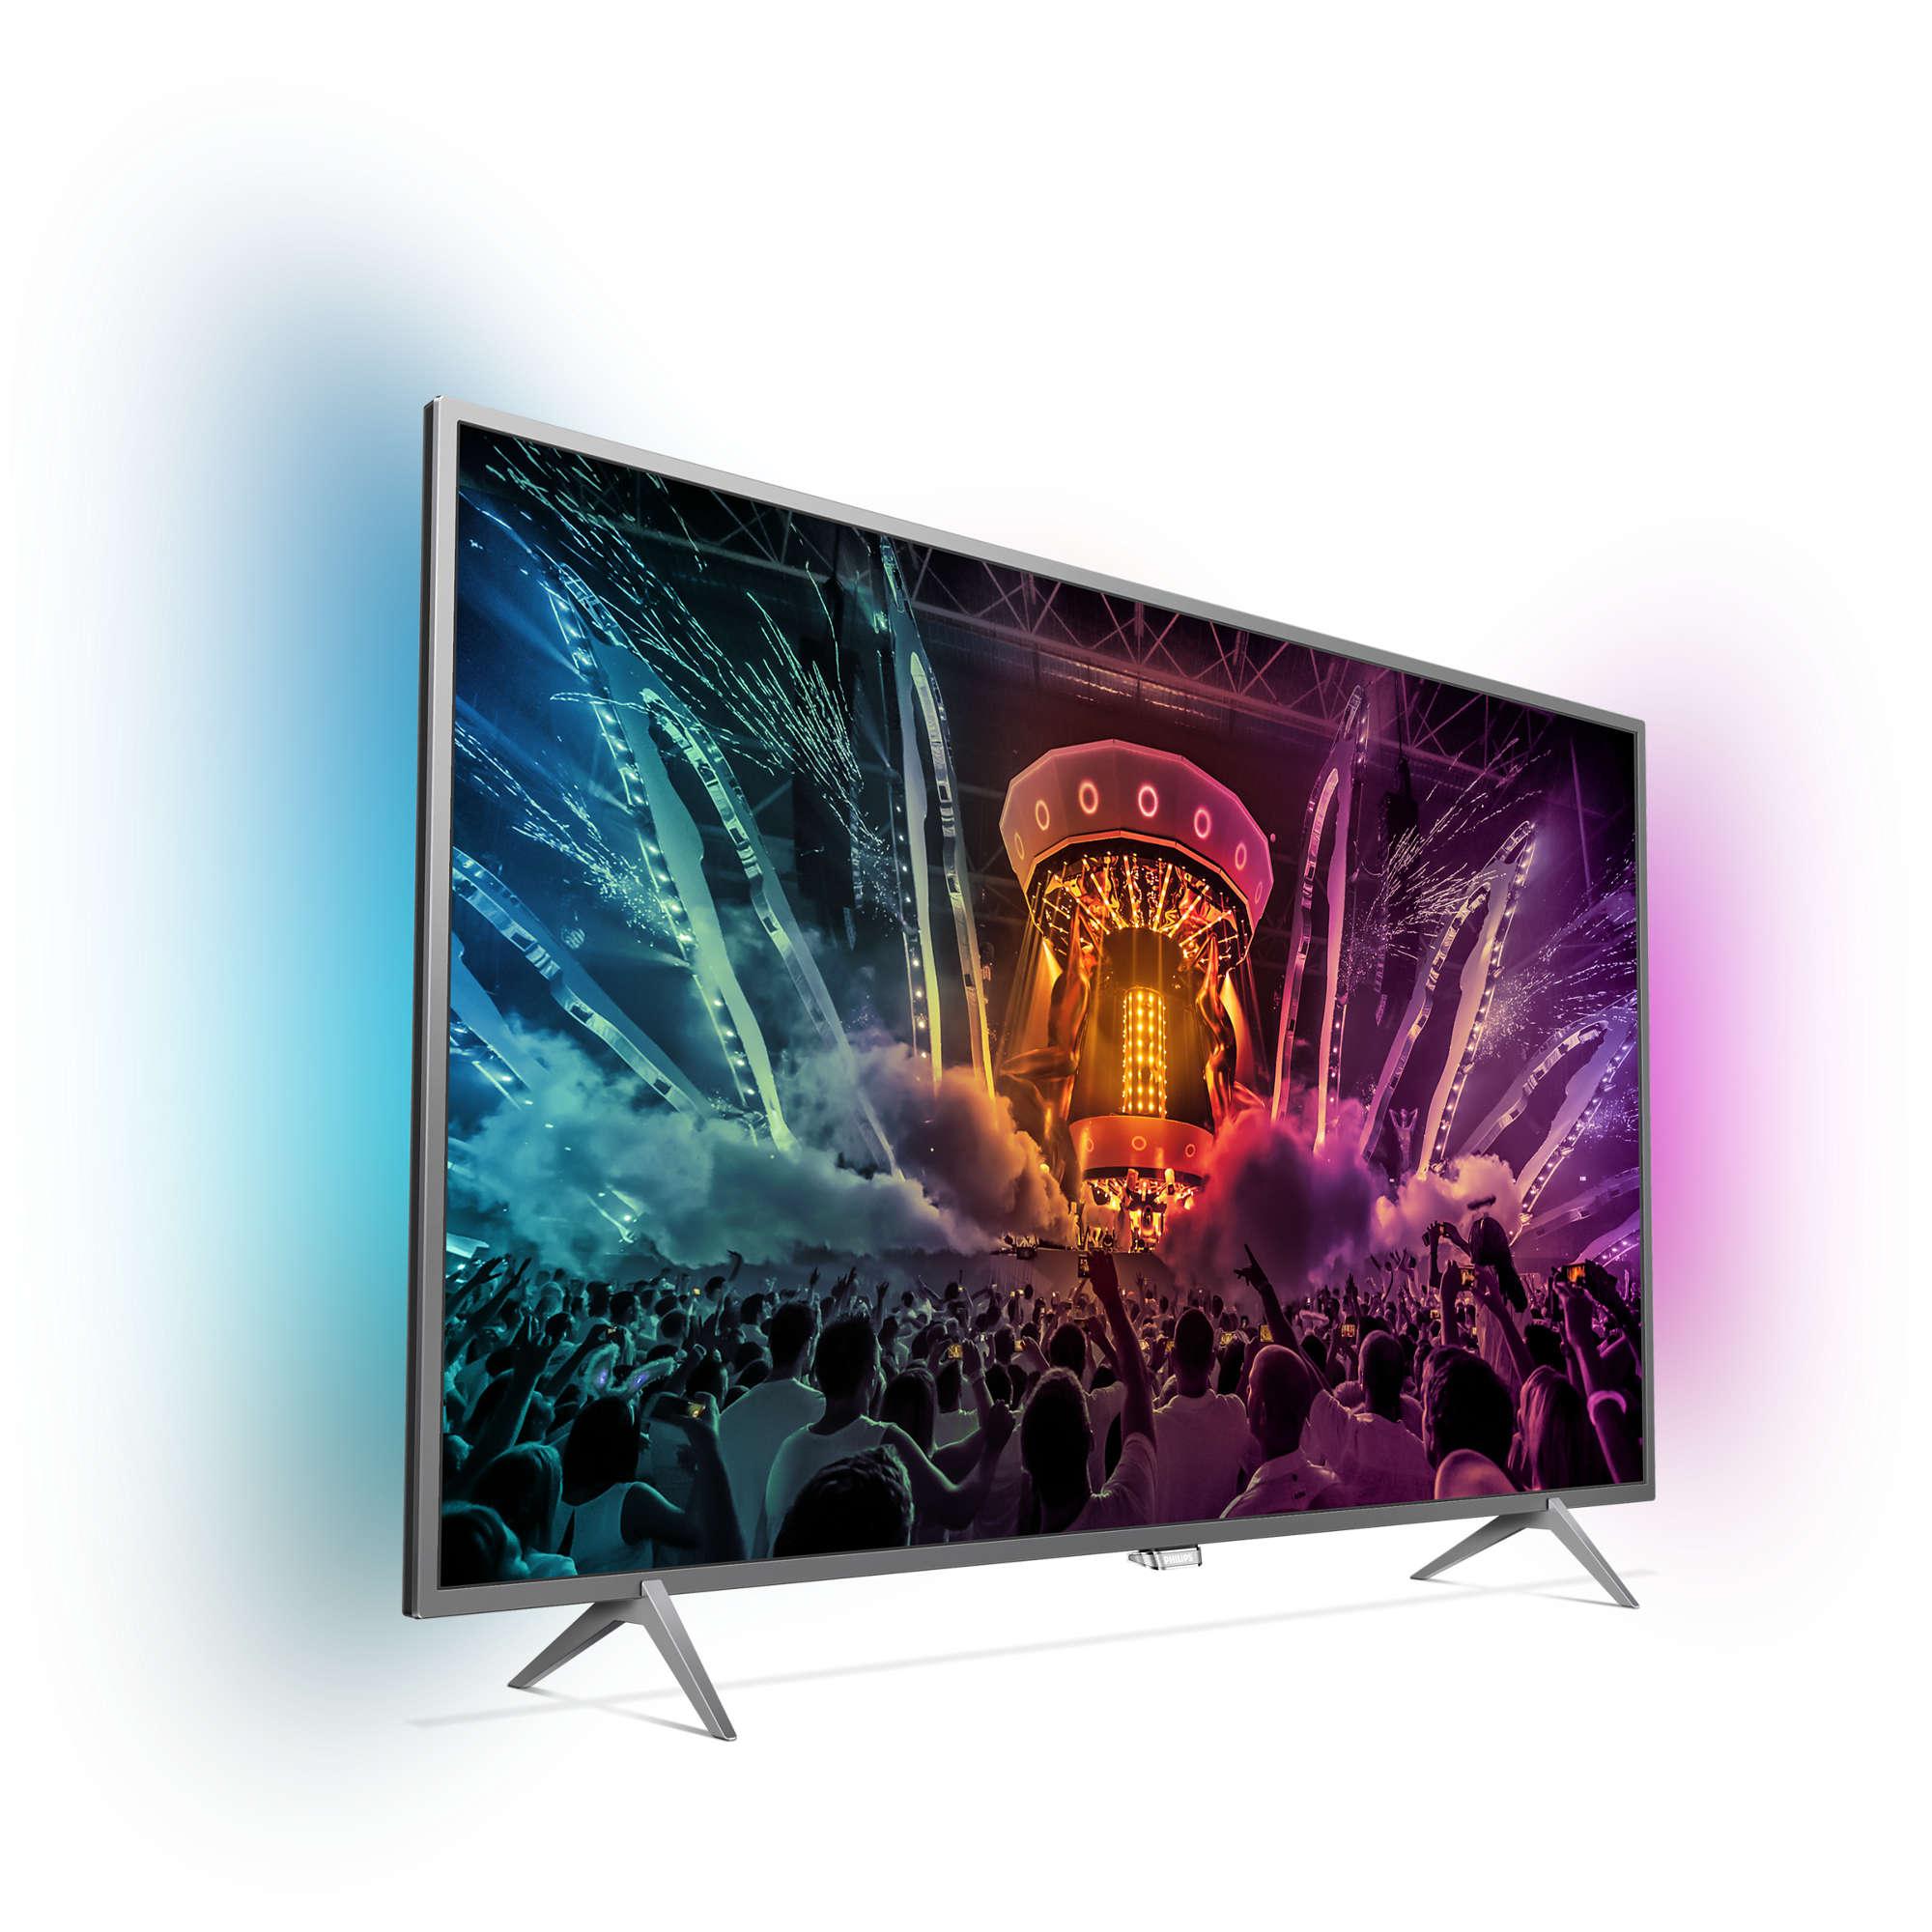 טלוויזיה ''49 LED 4K SMART ANDROID דגם 1000PPI  Wifi אמבילייט 2 דגם 49PUS6401 מבית Philips - משלוח חינם! - תמונה 3